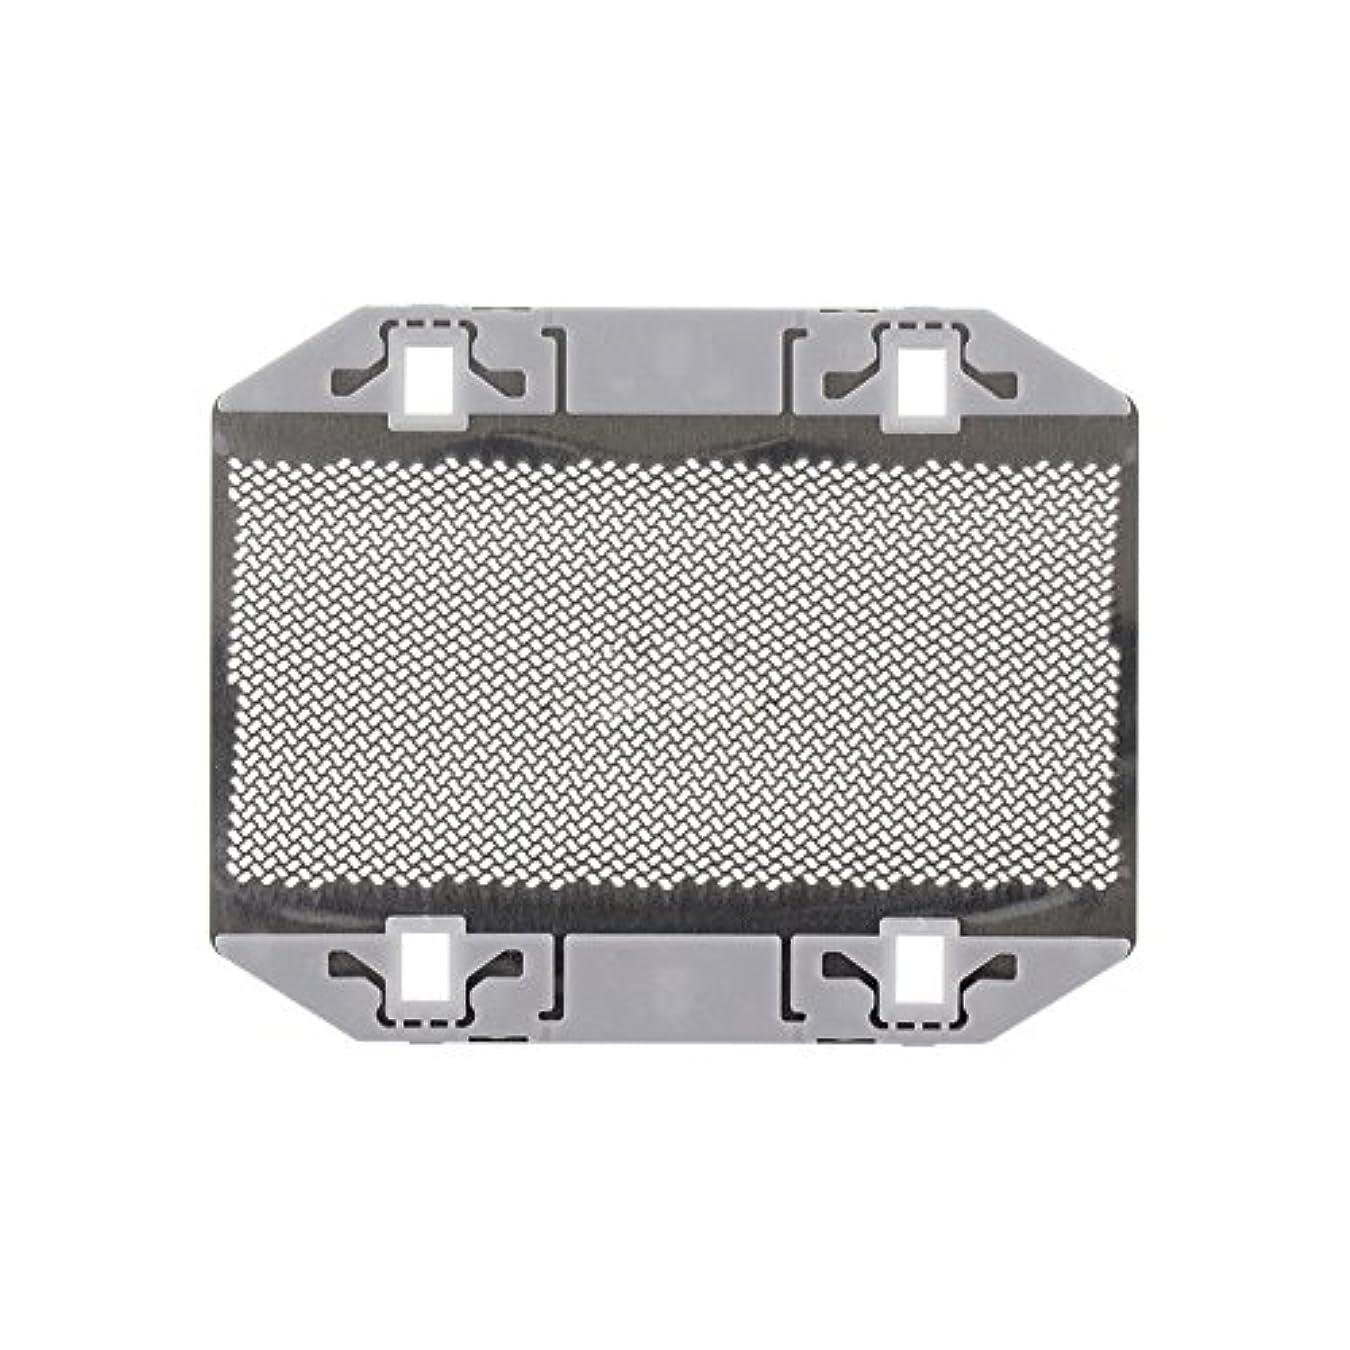 ローブ大佐どっちDeylaying シェーバー替刃 ロータリー式シェーバー パーツ 外刃 耐用 高質量 for Panasonic ES9943 ES3042 ES3801 ES3750 ES365 ES366